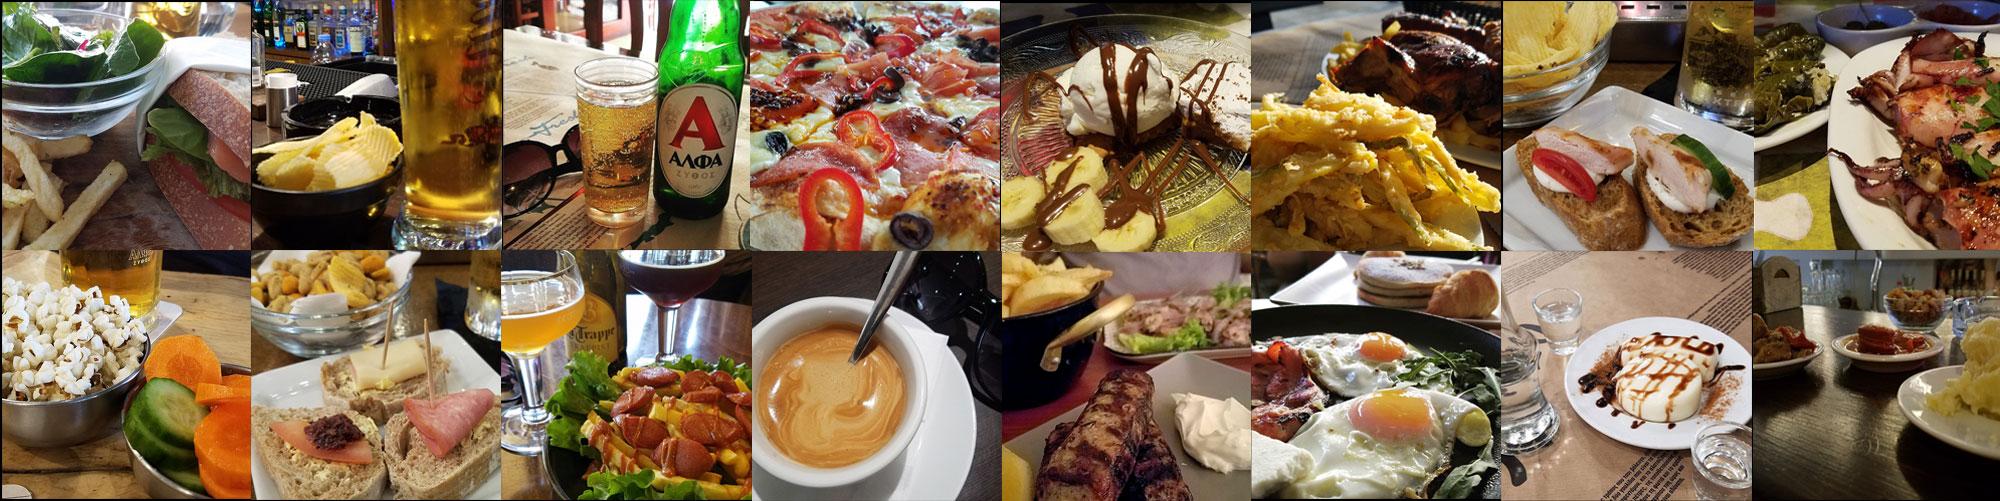 My Big Fat Greek Food Tour